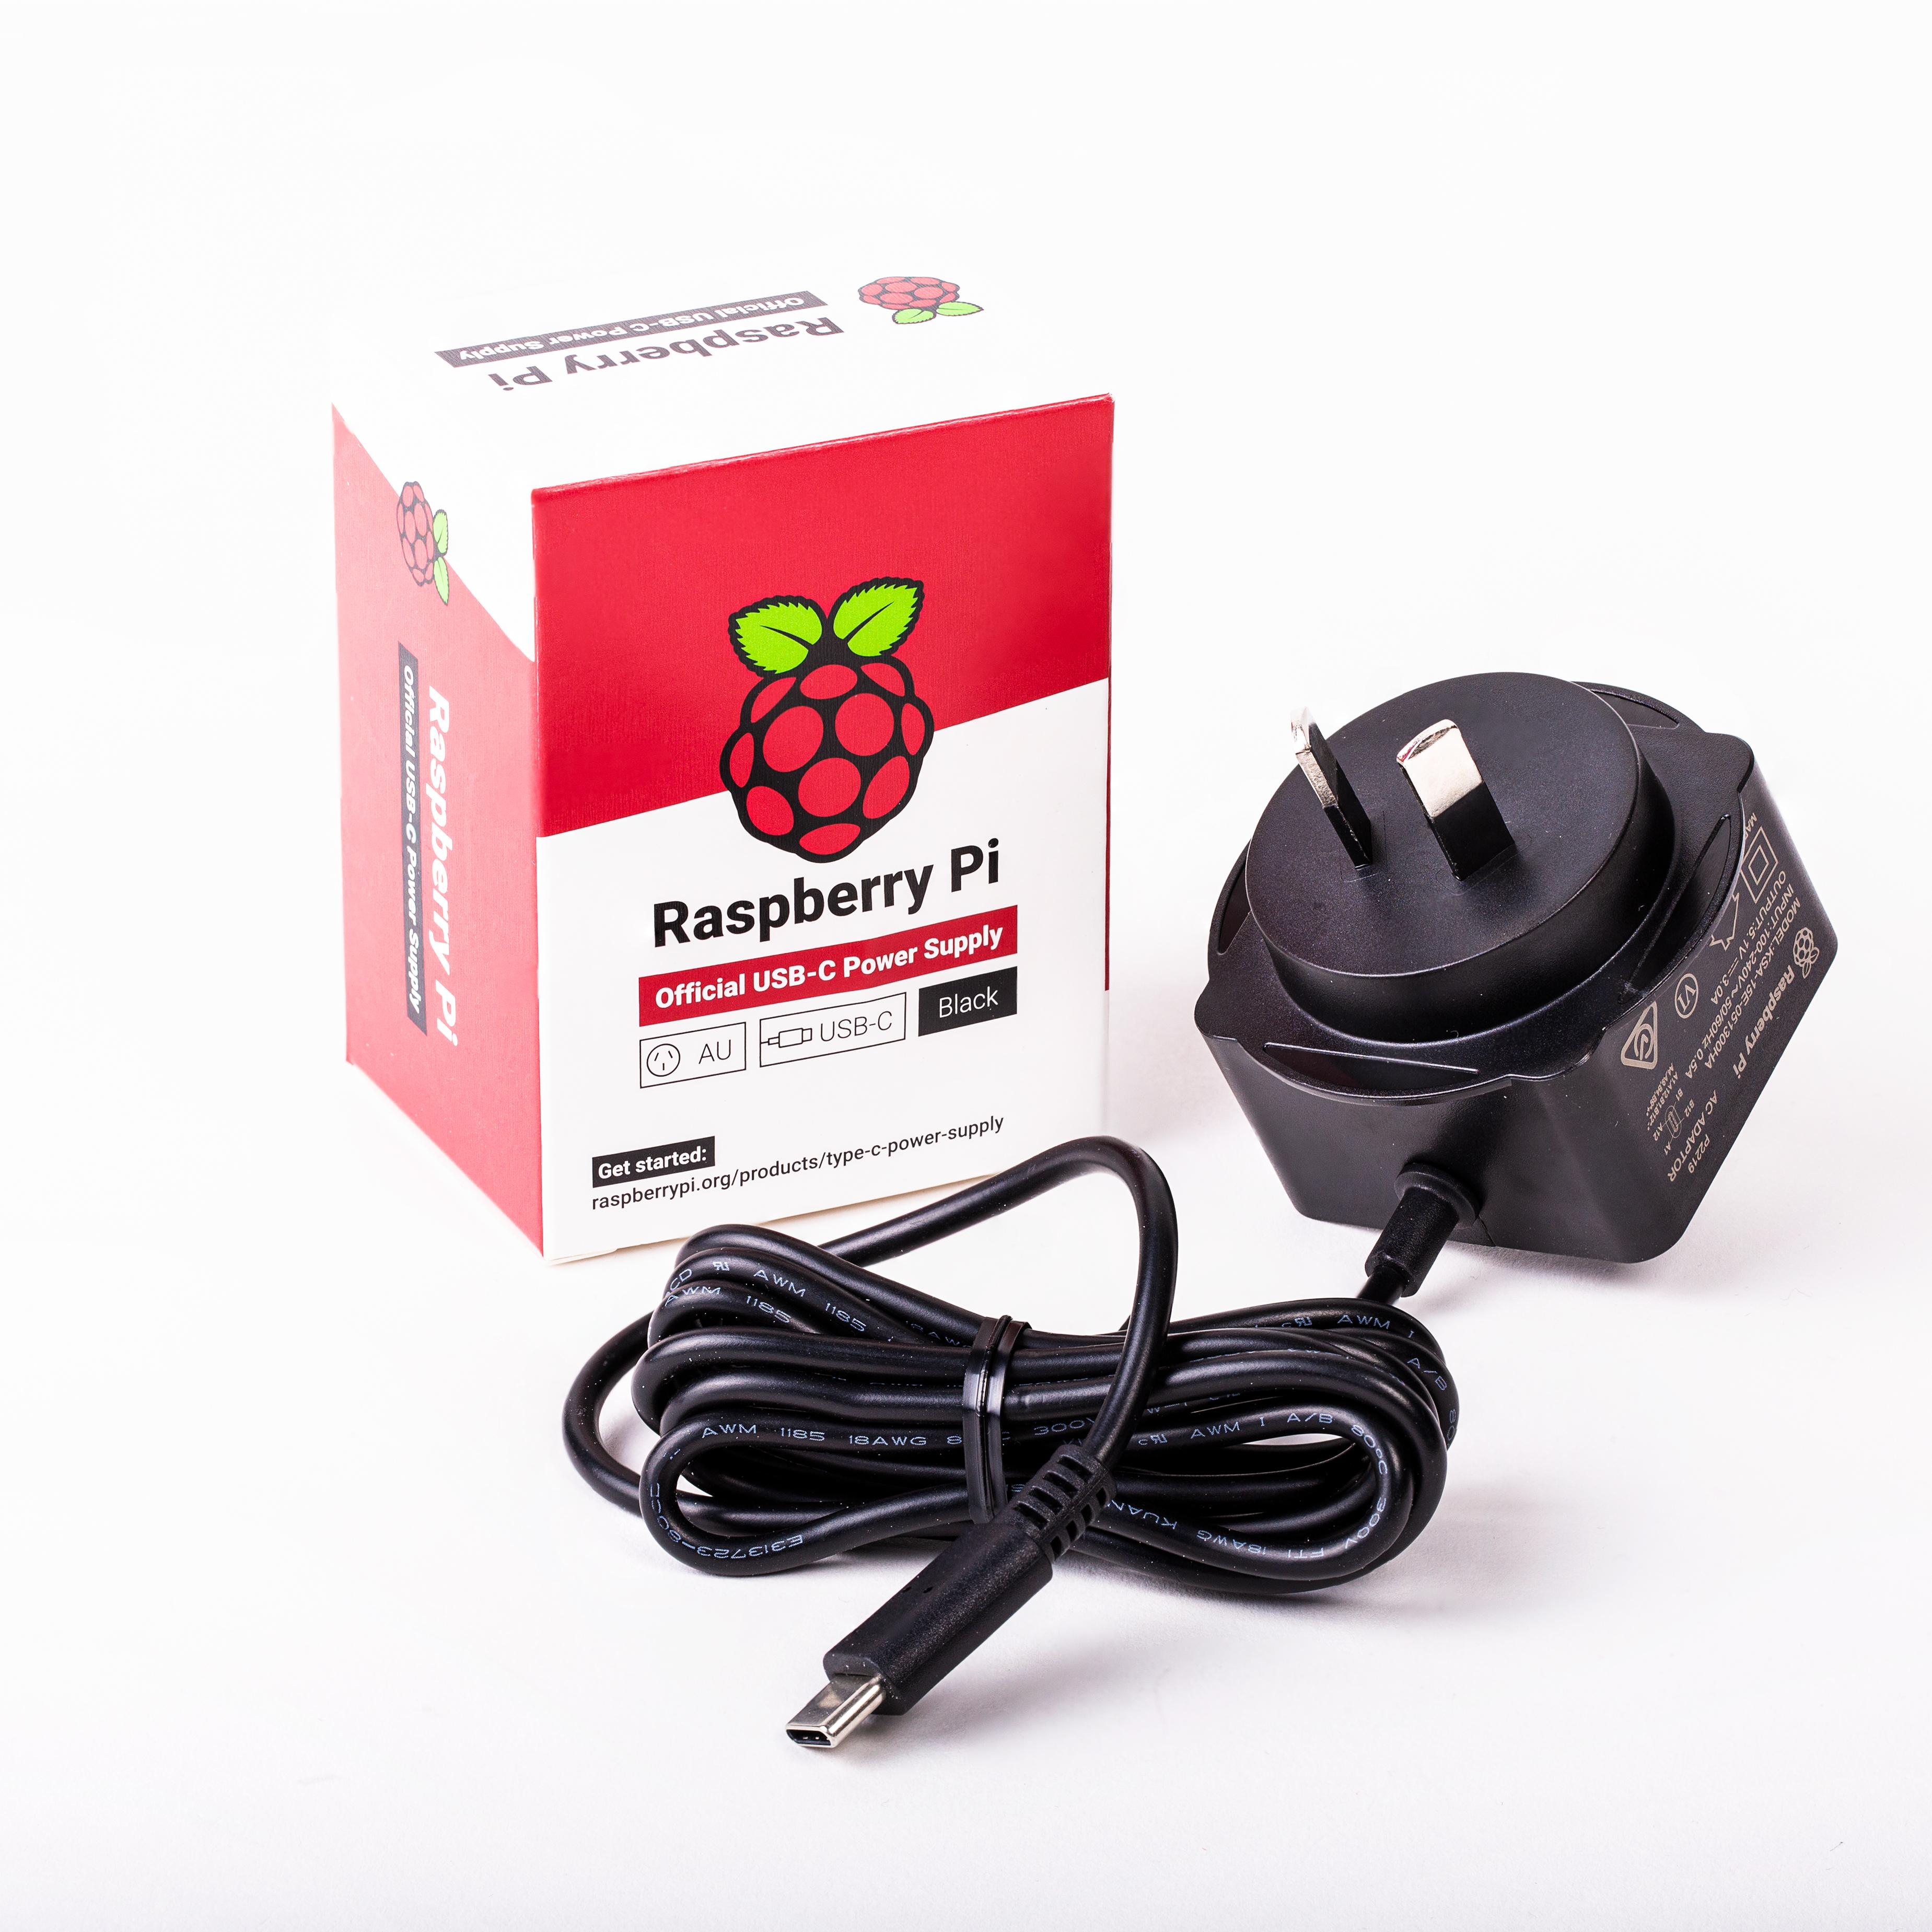 Raspberry Pi 5,1V/3A Netzteil mit USB-C für AU, schwarz